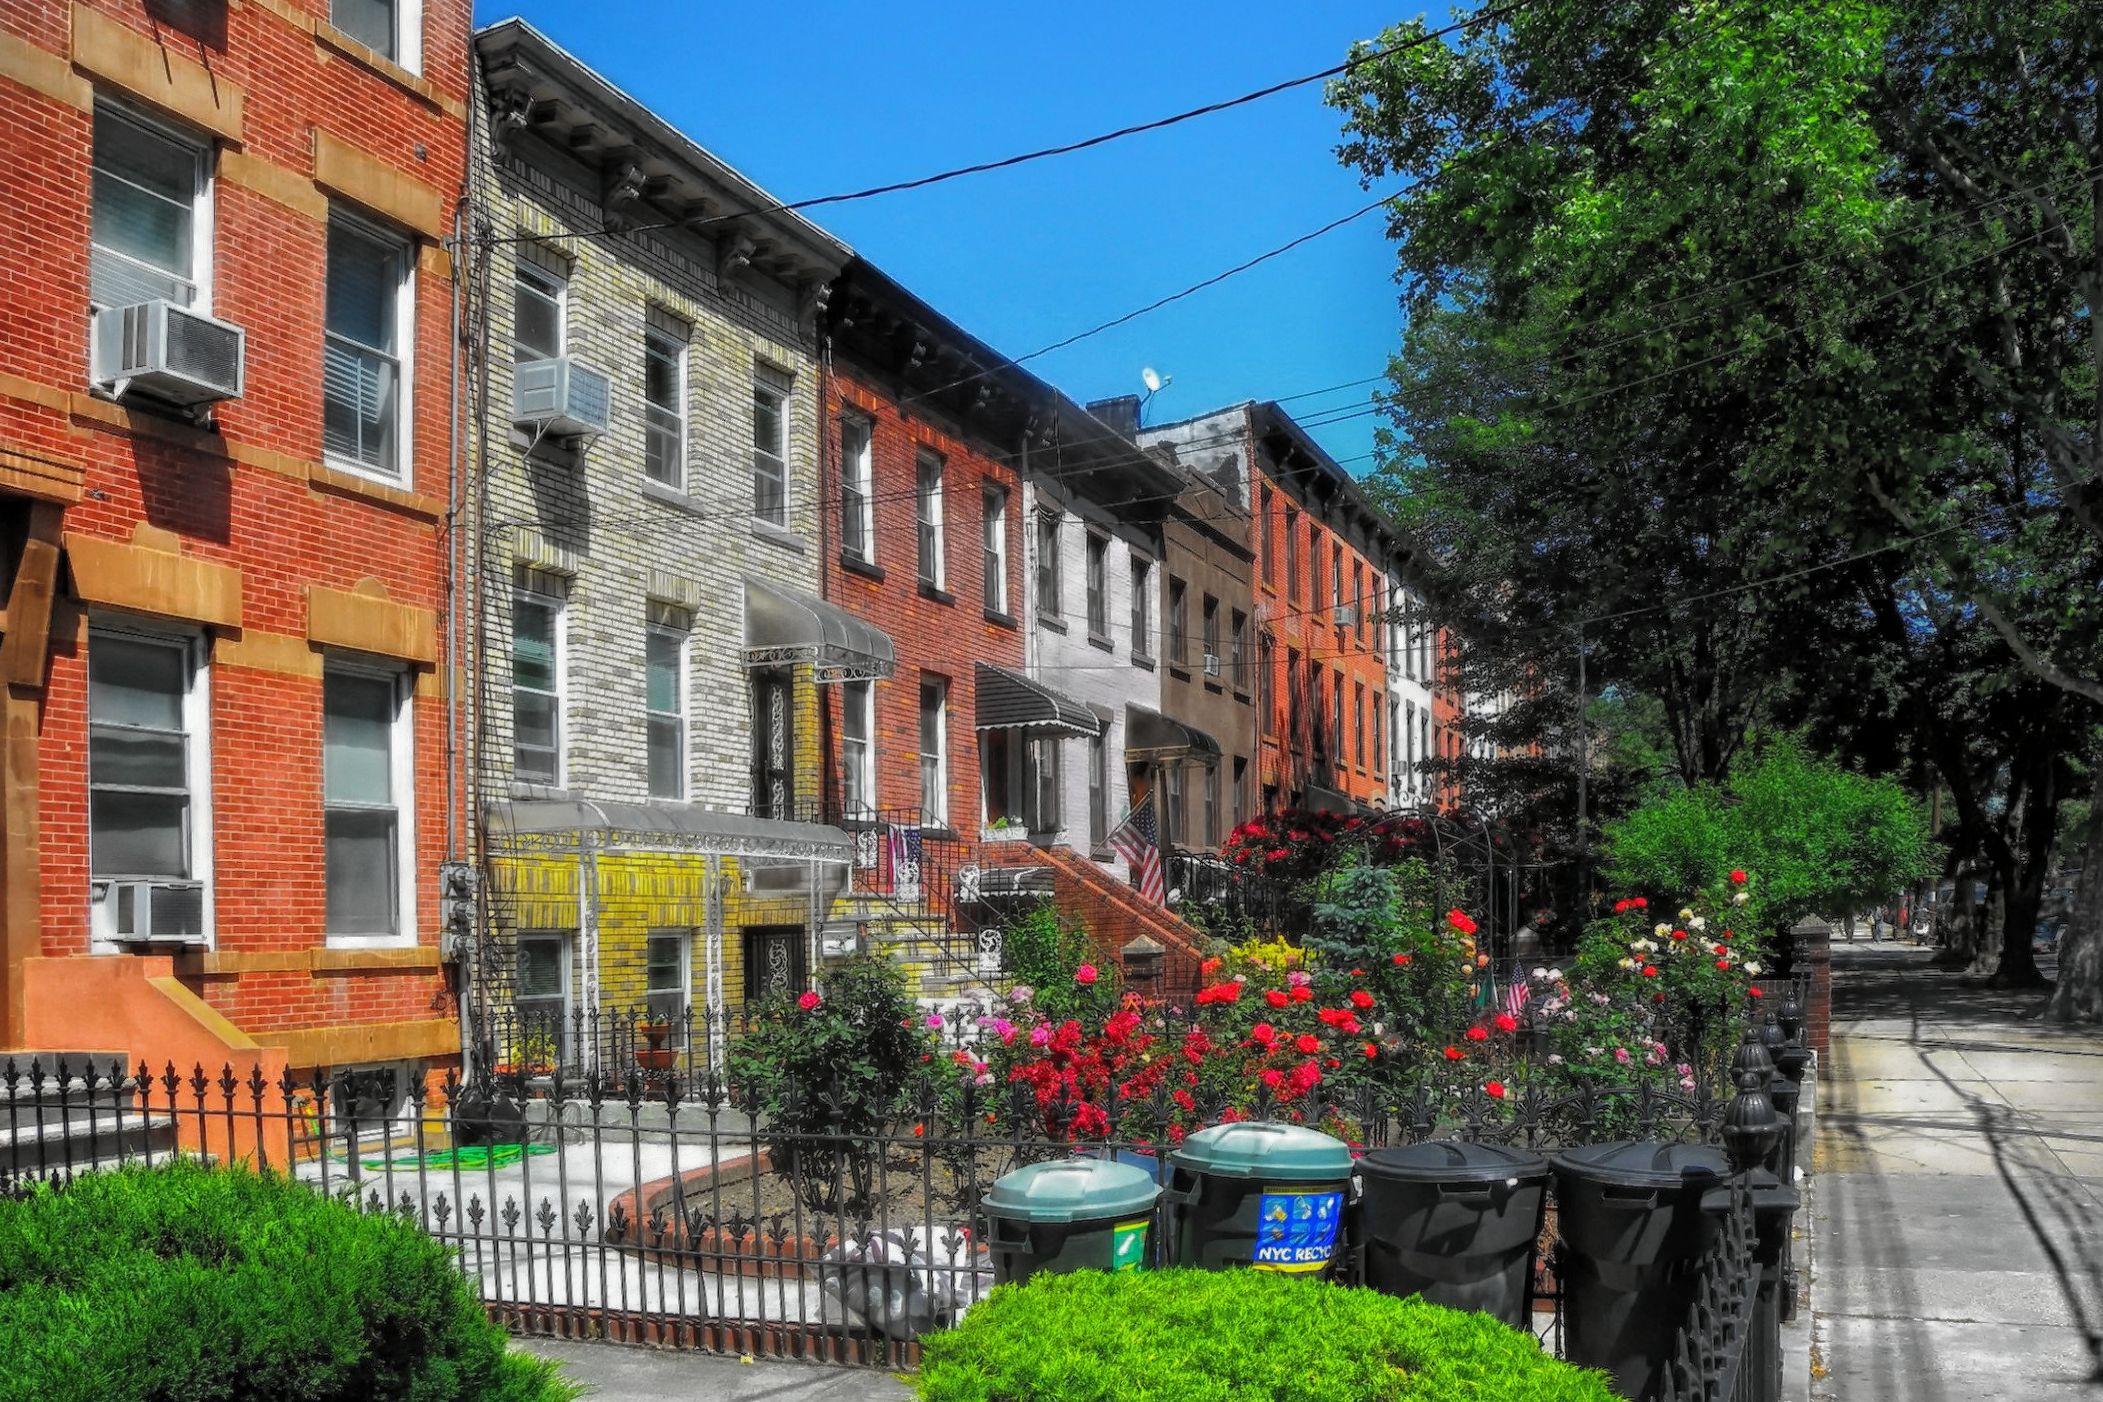 ニューヨークで初めてのマイホームを購入する。 (4) タウンハウスという選択肢